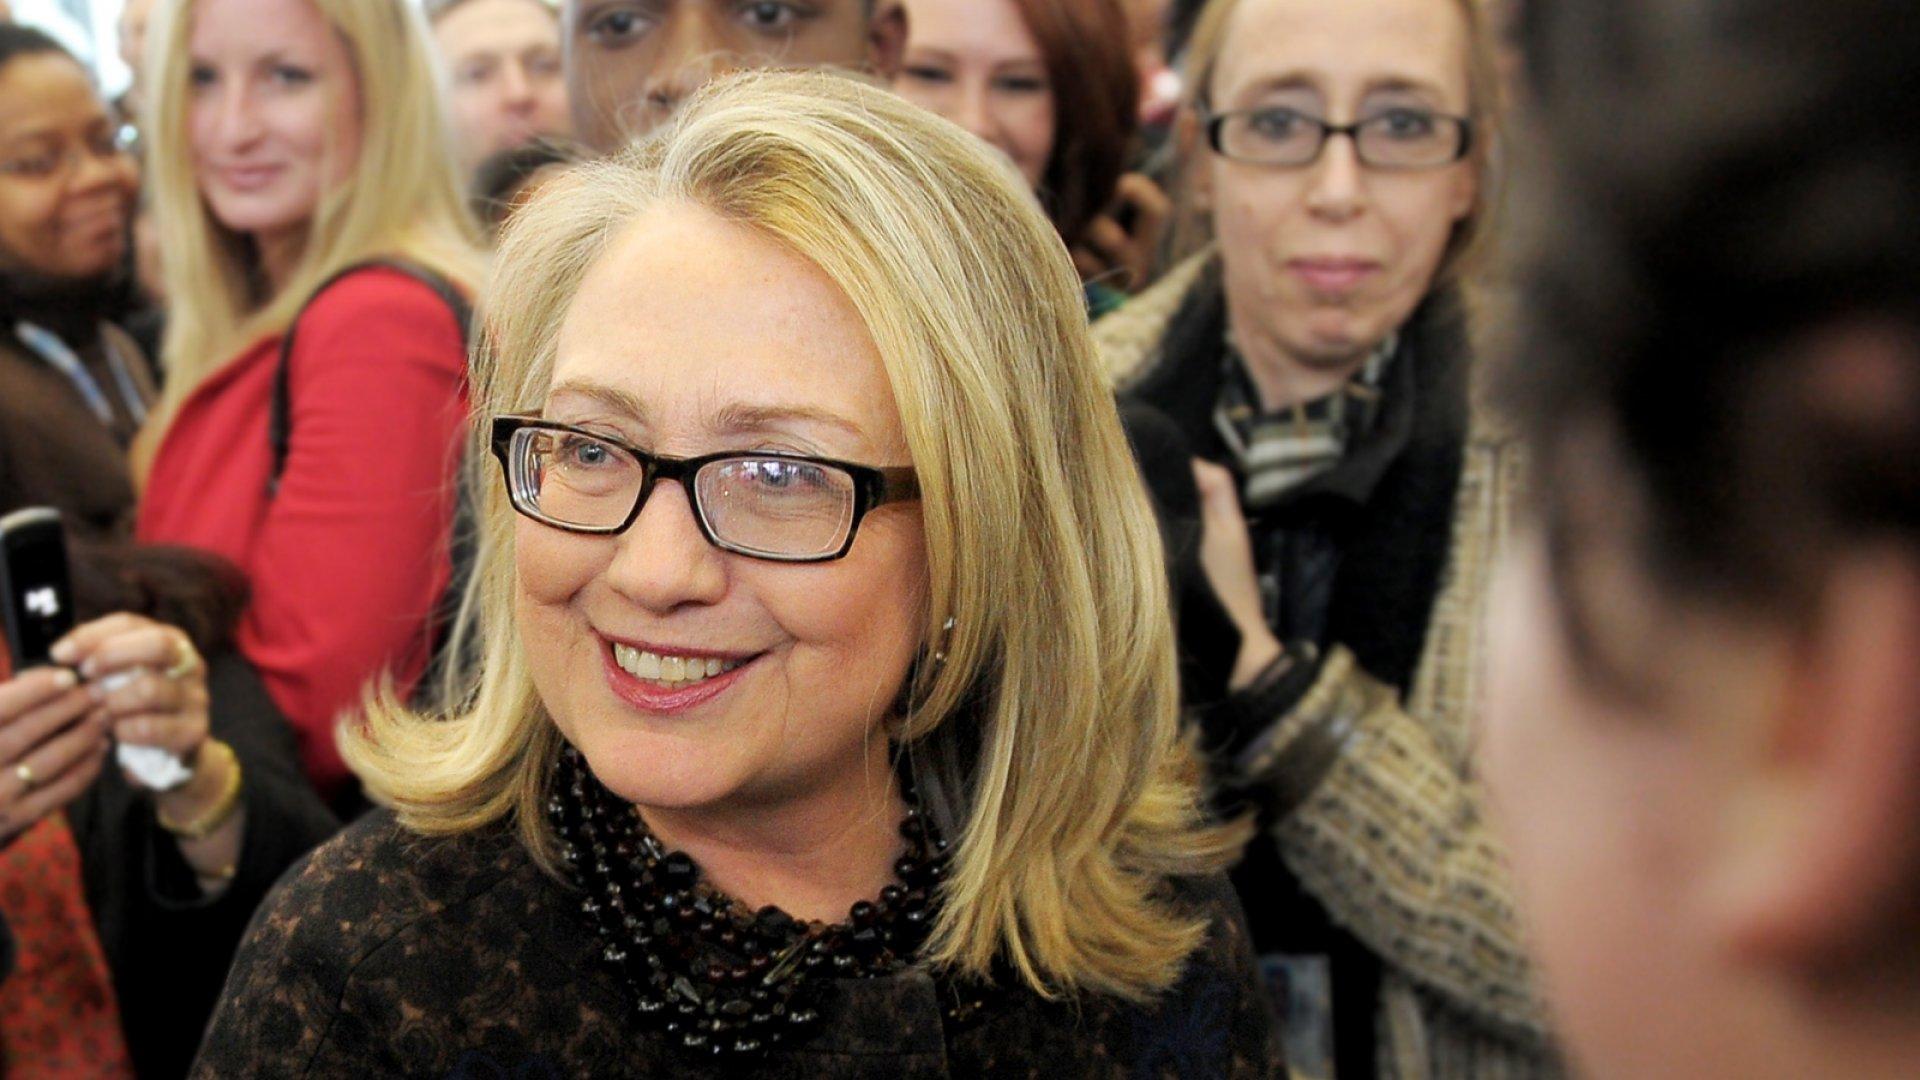 Entrepreneurs for Hillary in 2016? Really?